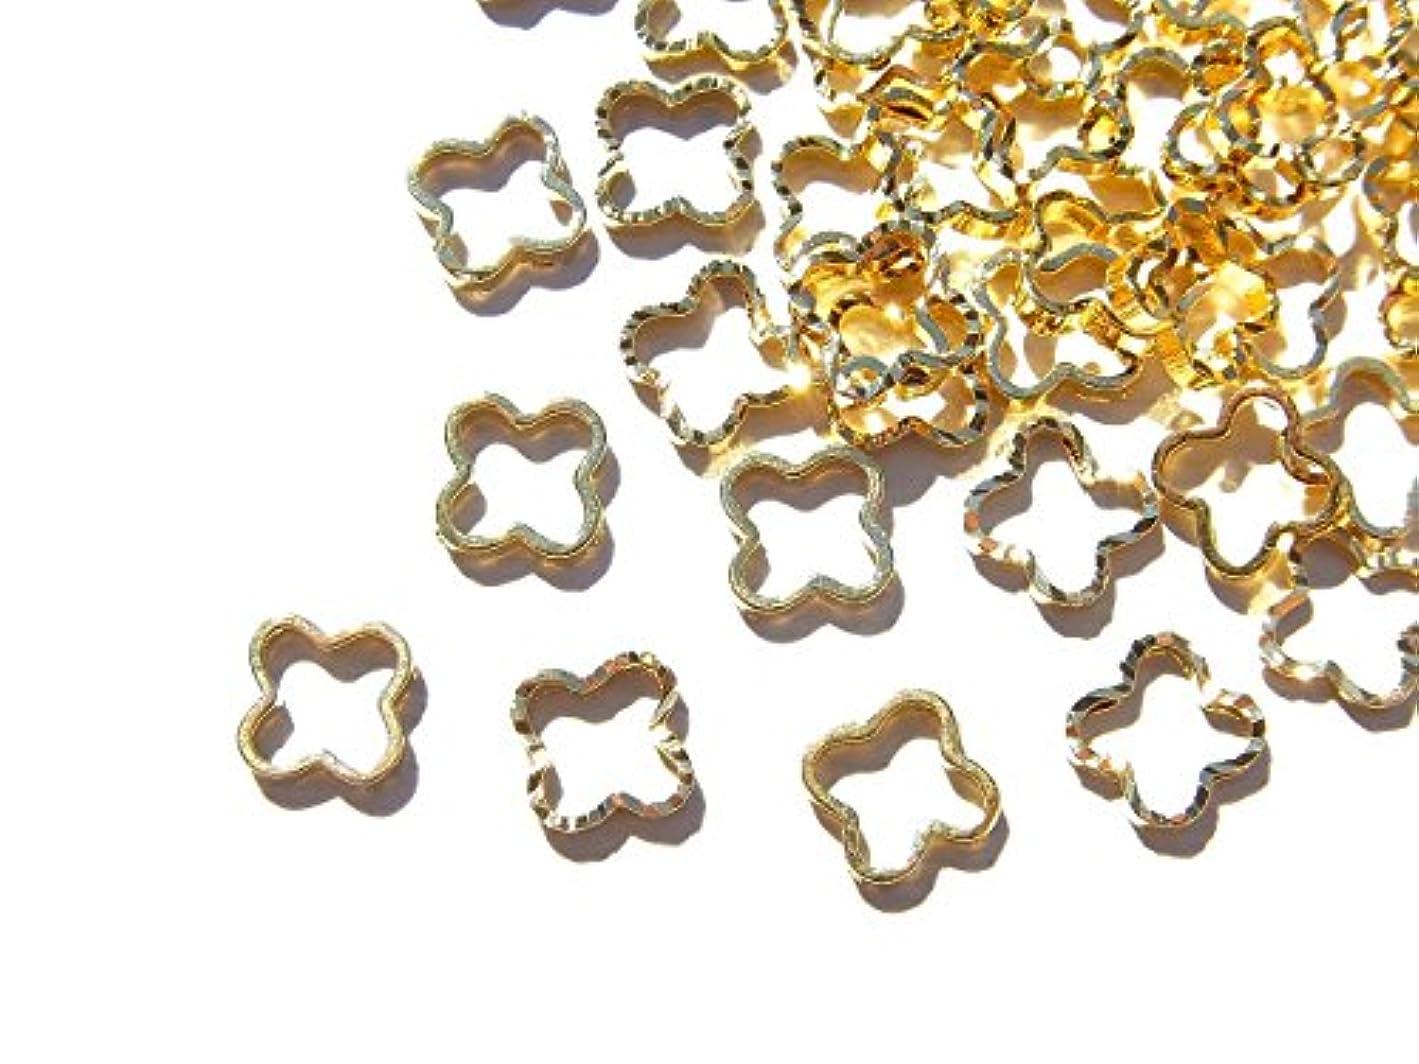 衝突狂乱ファンタジー【jewel】ゴールド 立体メタルパーツ 10個入り クローバー 型 直径6mm 厚み1mm 手芸 材料 レジン ネイルアート パーツ 素材